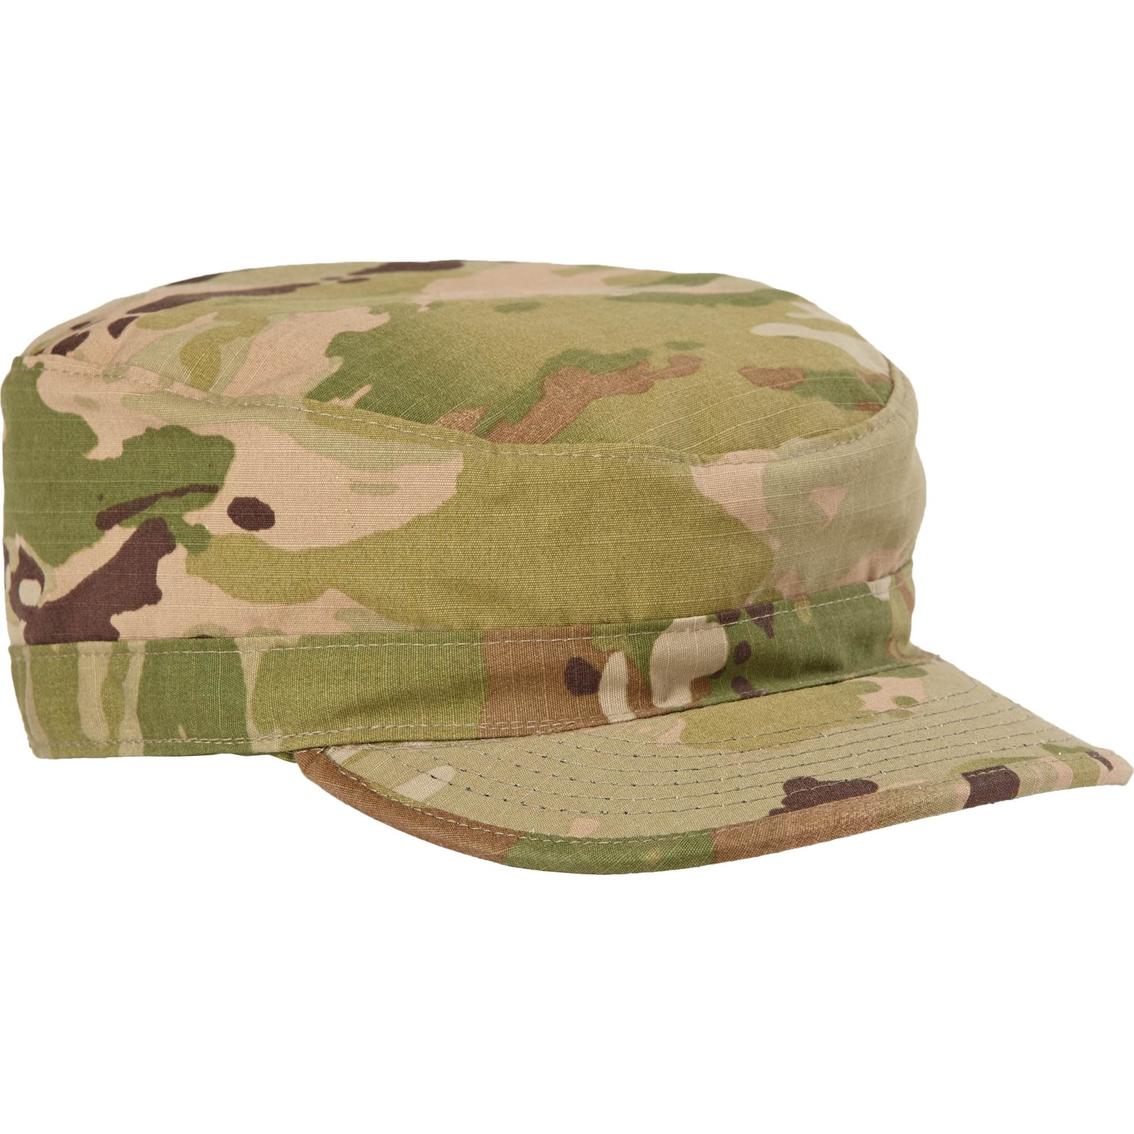 Dlats Army Patrol Cap (ocp)  b10a42ca0b2